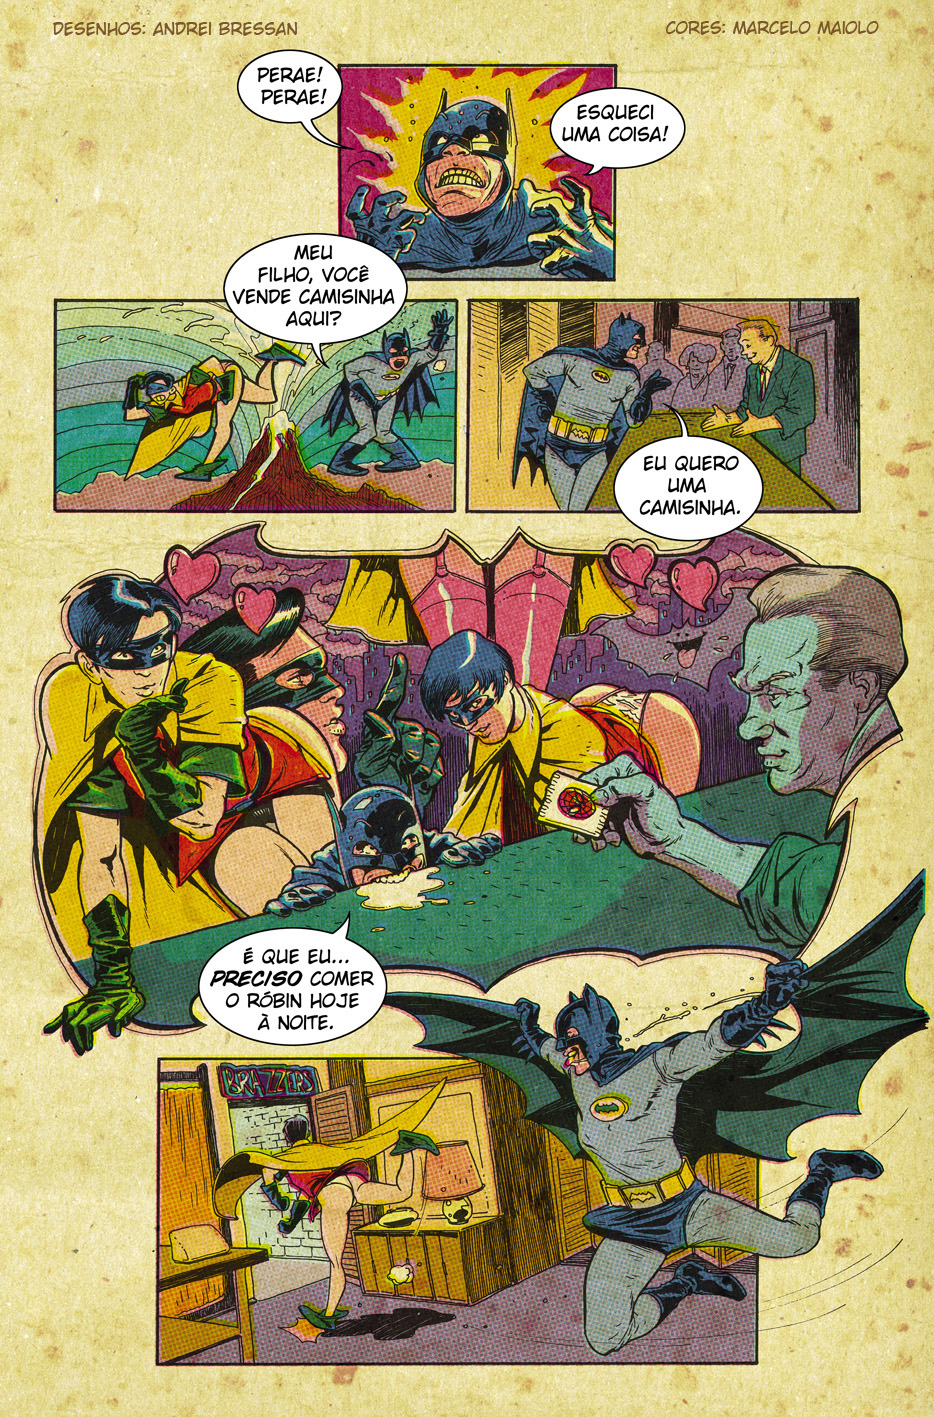 [Tópico Oficial] Batman na Feira da Fruta em Quadrinhos - Página 3 Feira+Andrei+Maiolo+2+copy